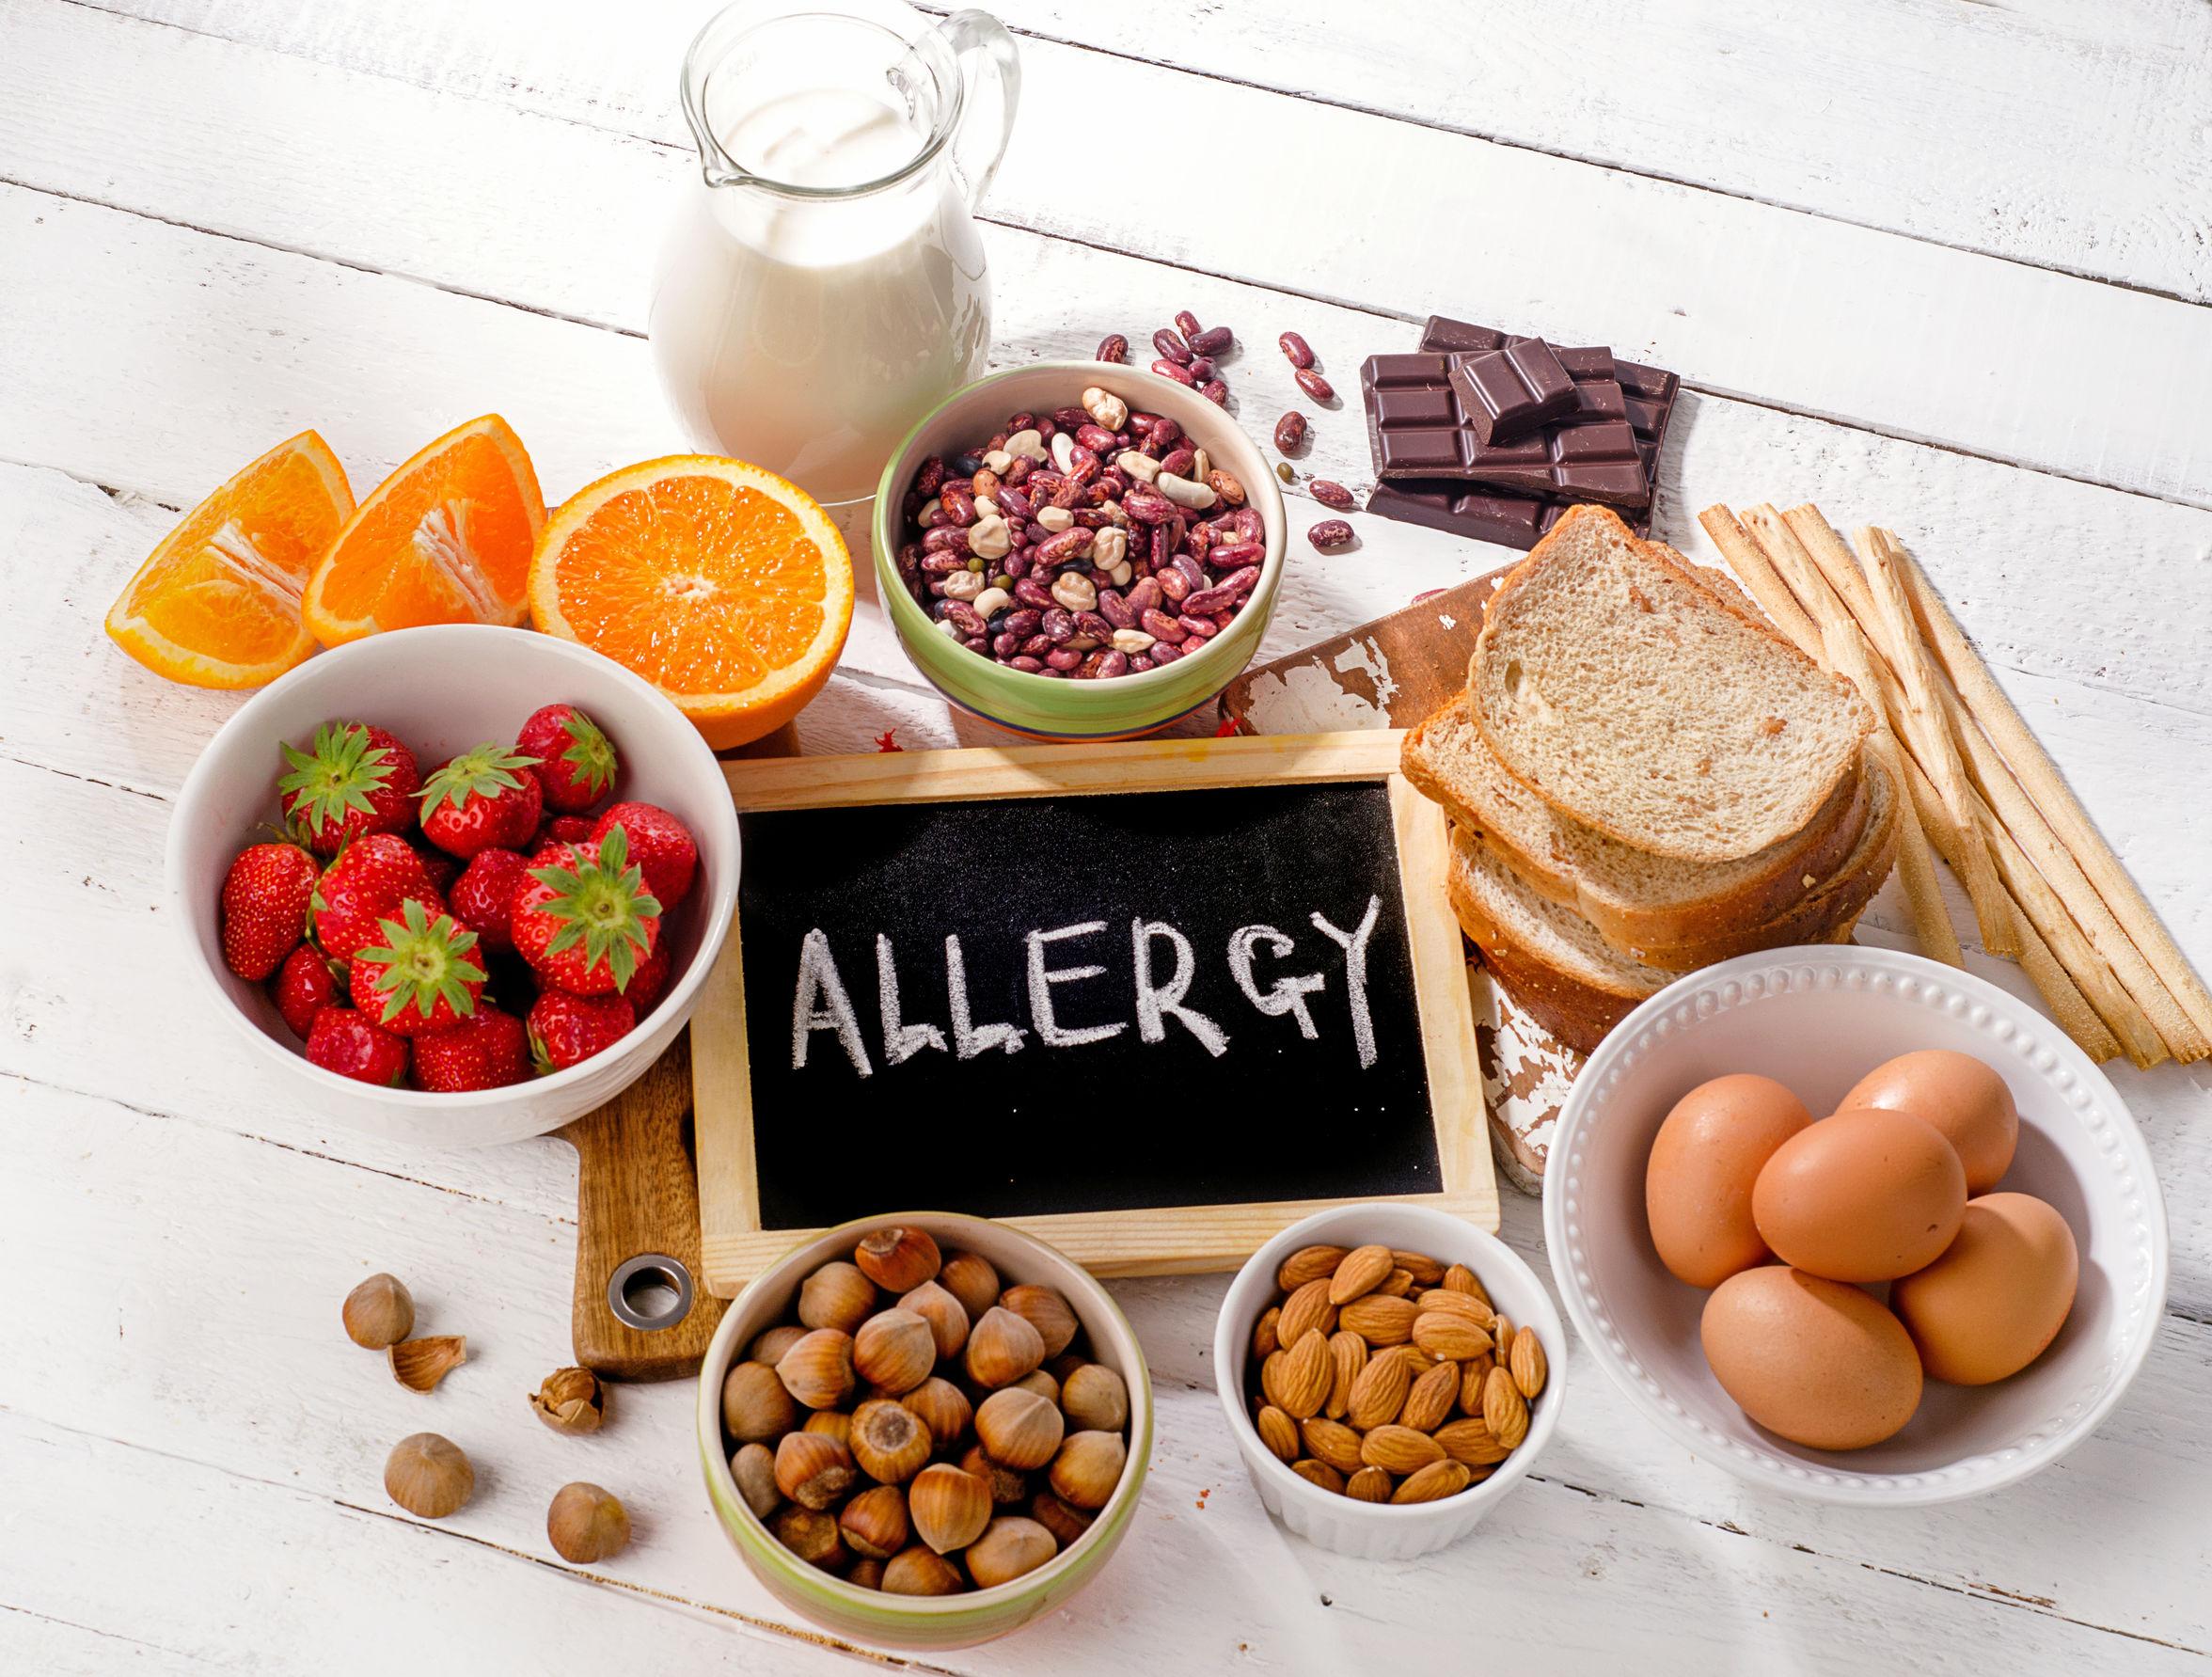 Lebensmittel mit einem hohen Allergenrisiko auf einem Tisch (Allergien)